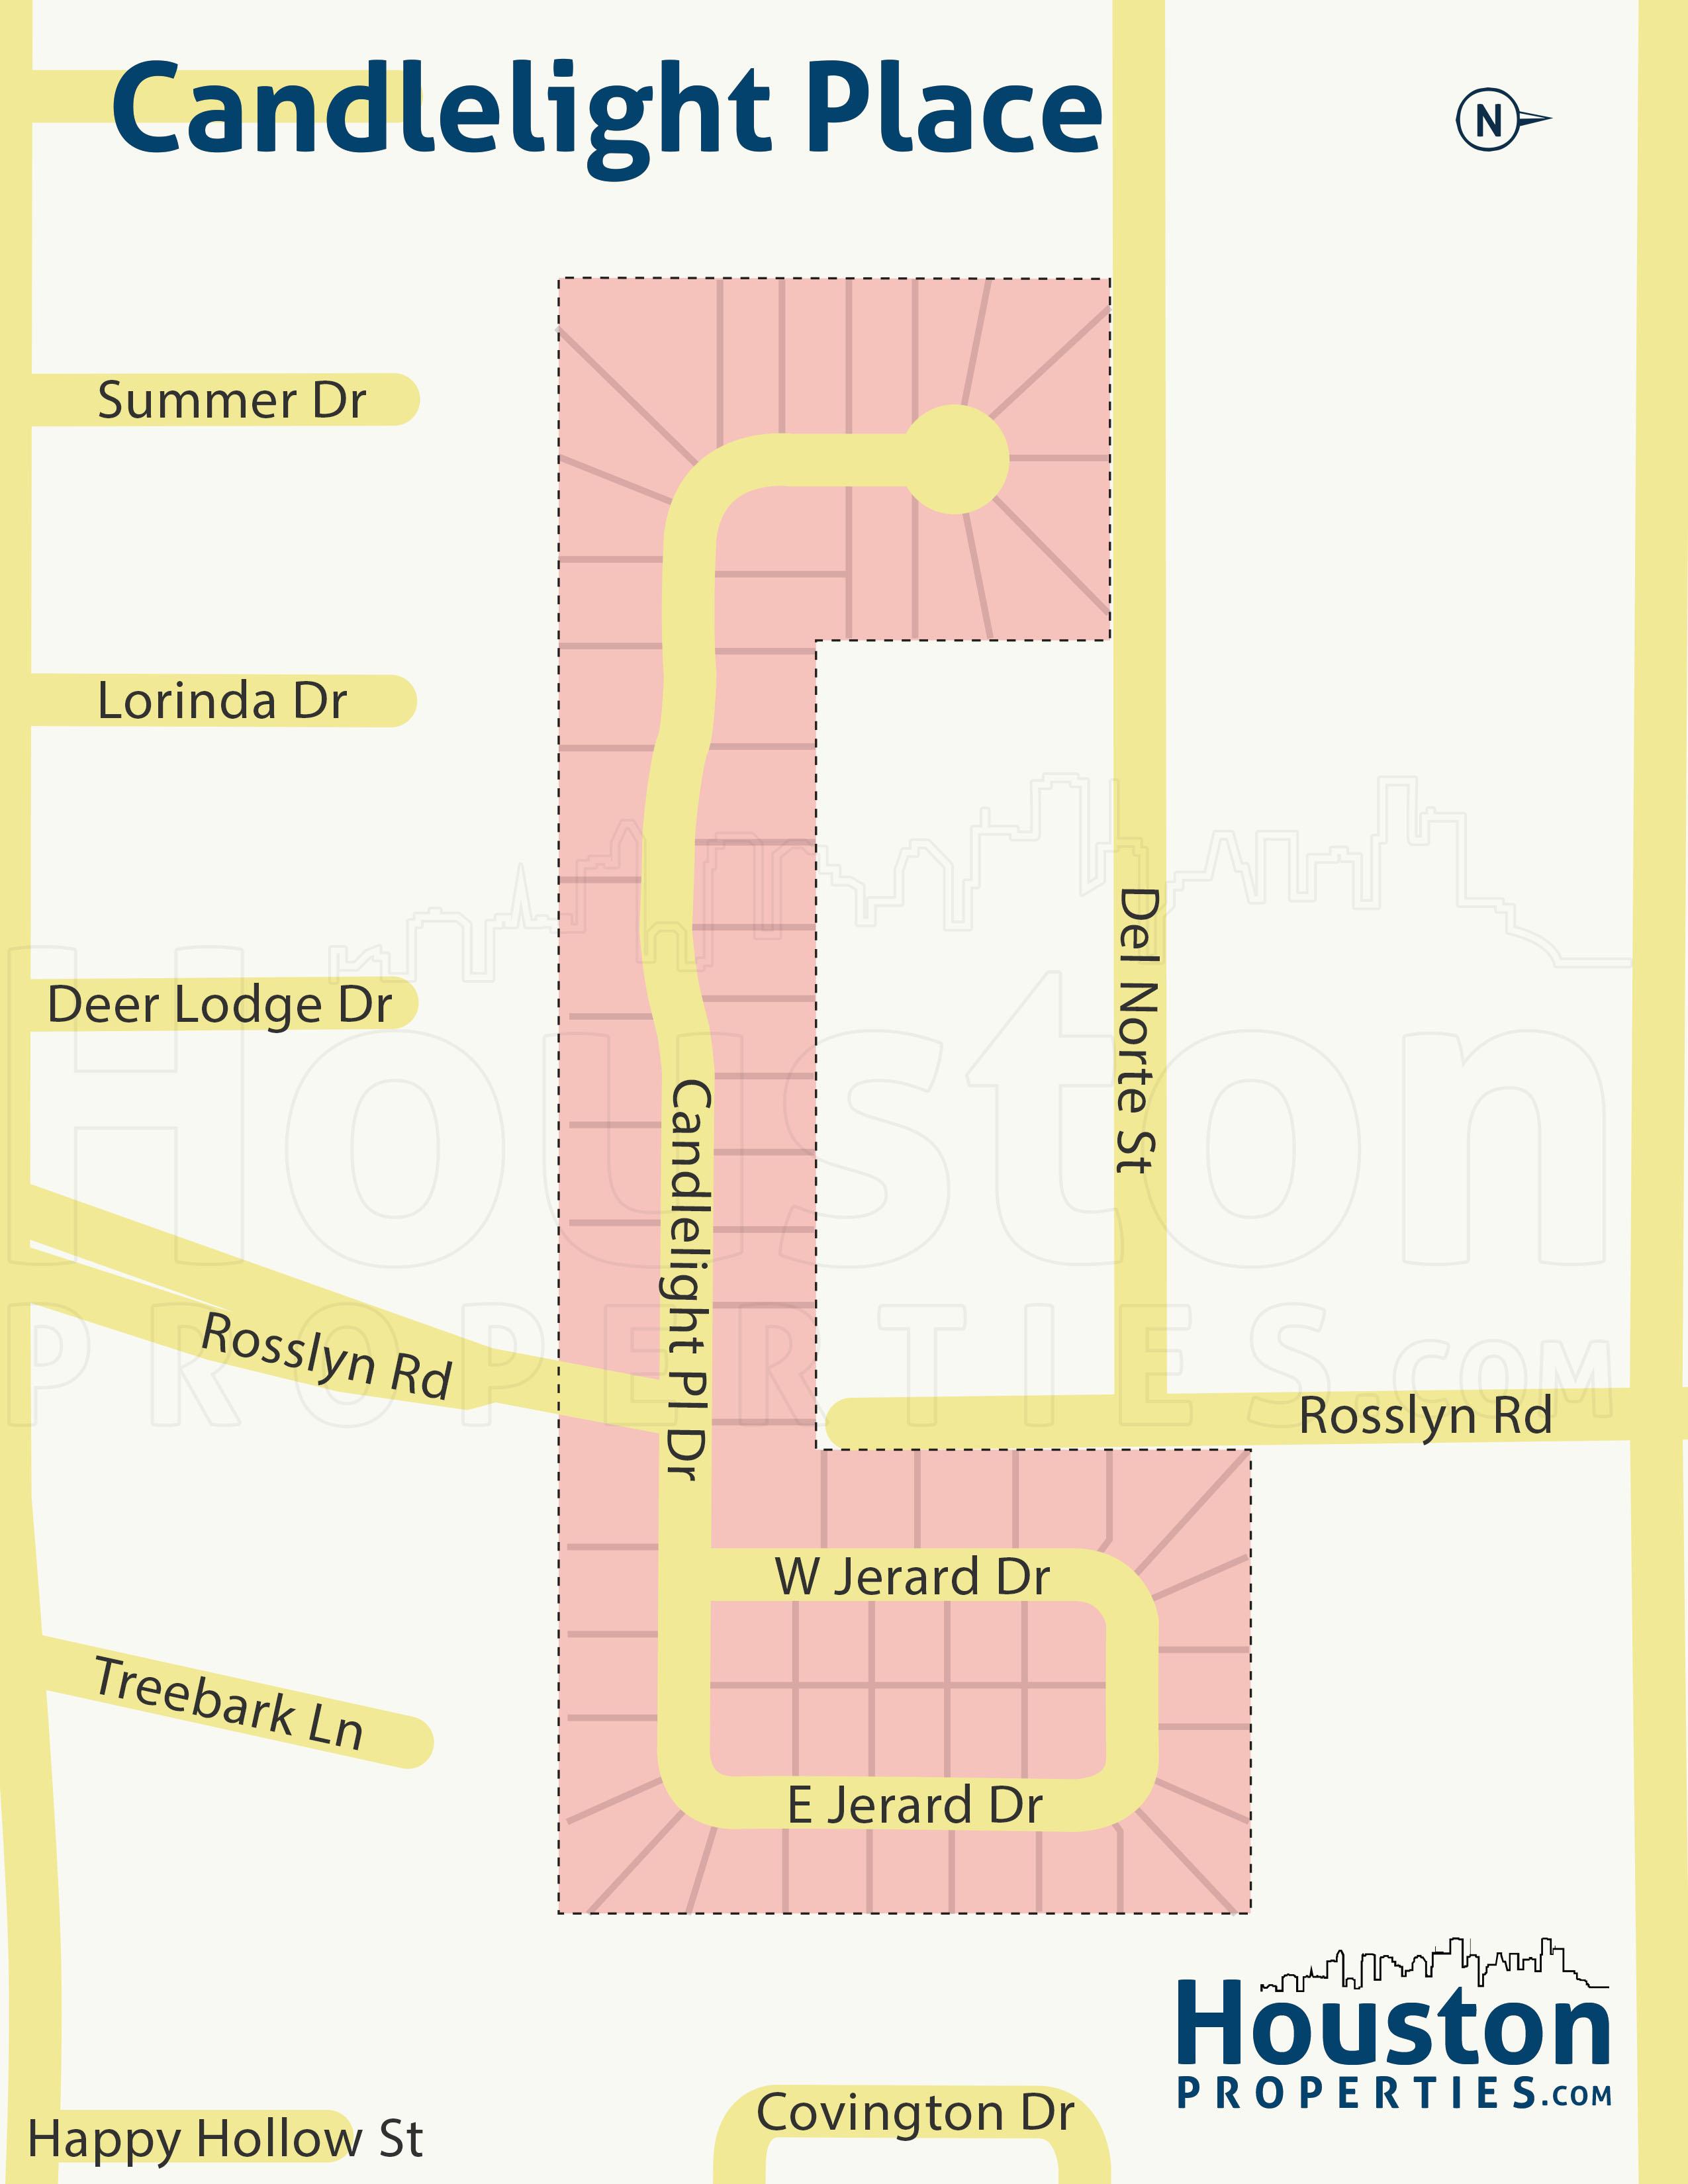 Candlelight Place neighborhood map